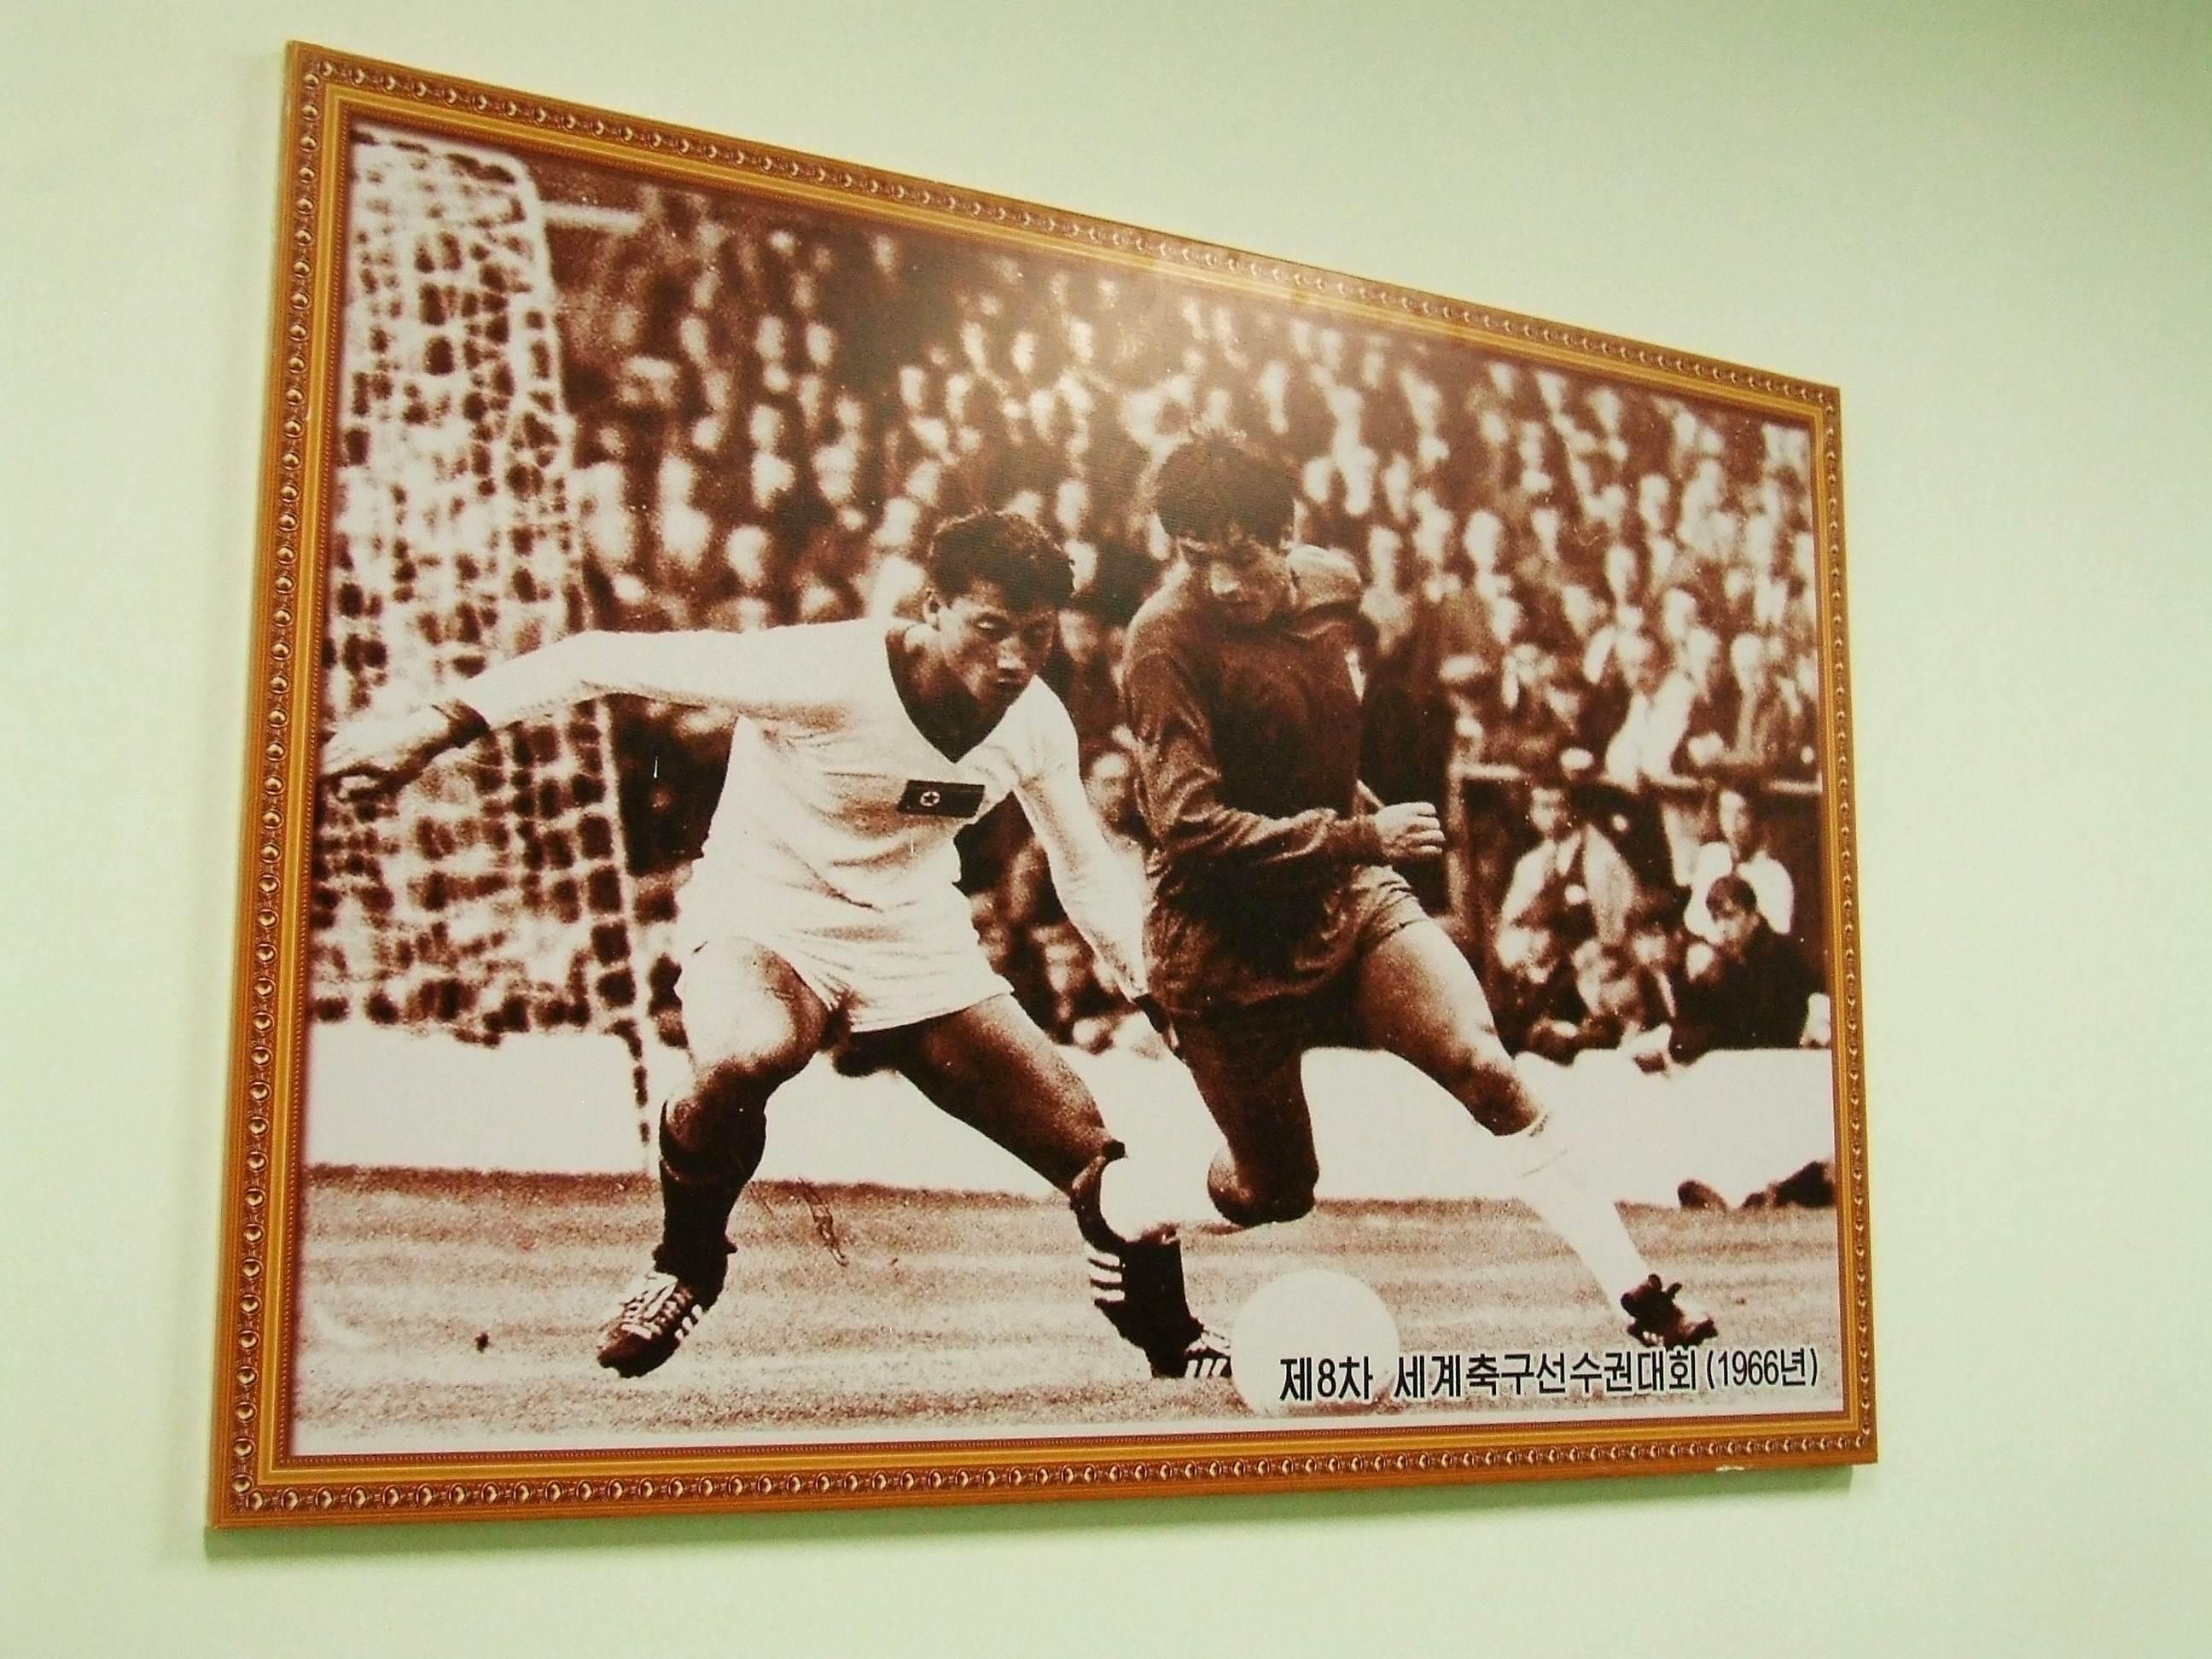 Zdjęcie z mistrzostw świata w 1966 roku - największy stadion świata